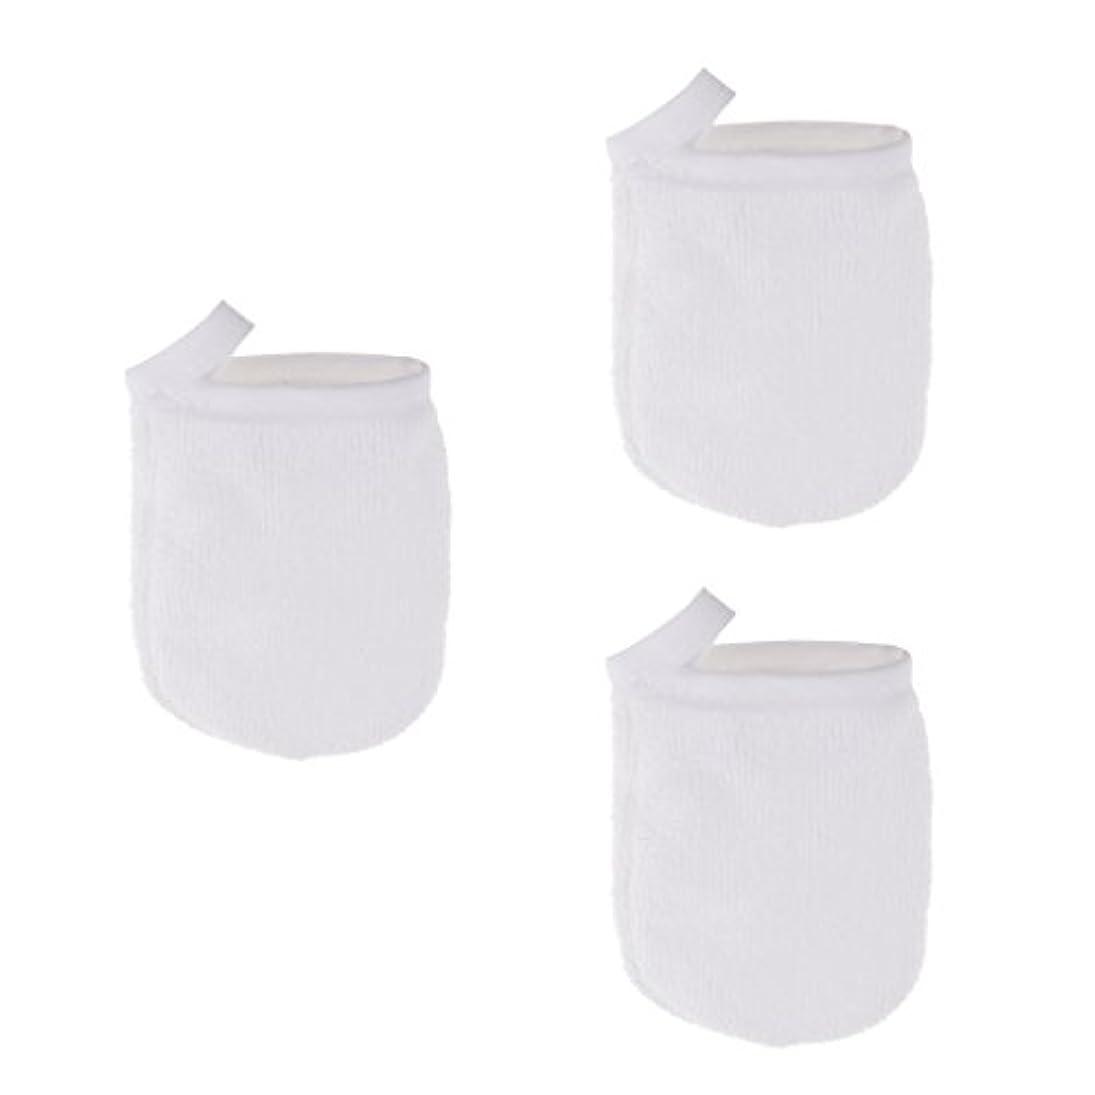 しわステッチコレクション3個 洗顔グローブ フェイシャル クレンジンググローブ 手袋 グローブ ソフト メイクリムーバークロス 再使用可能